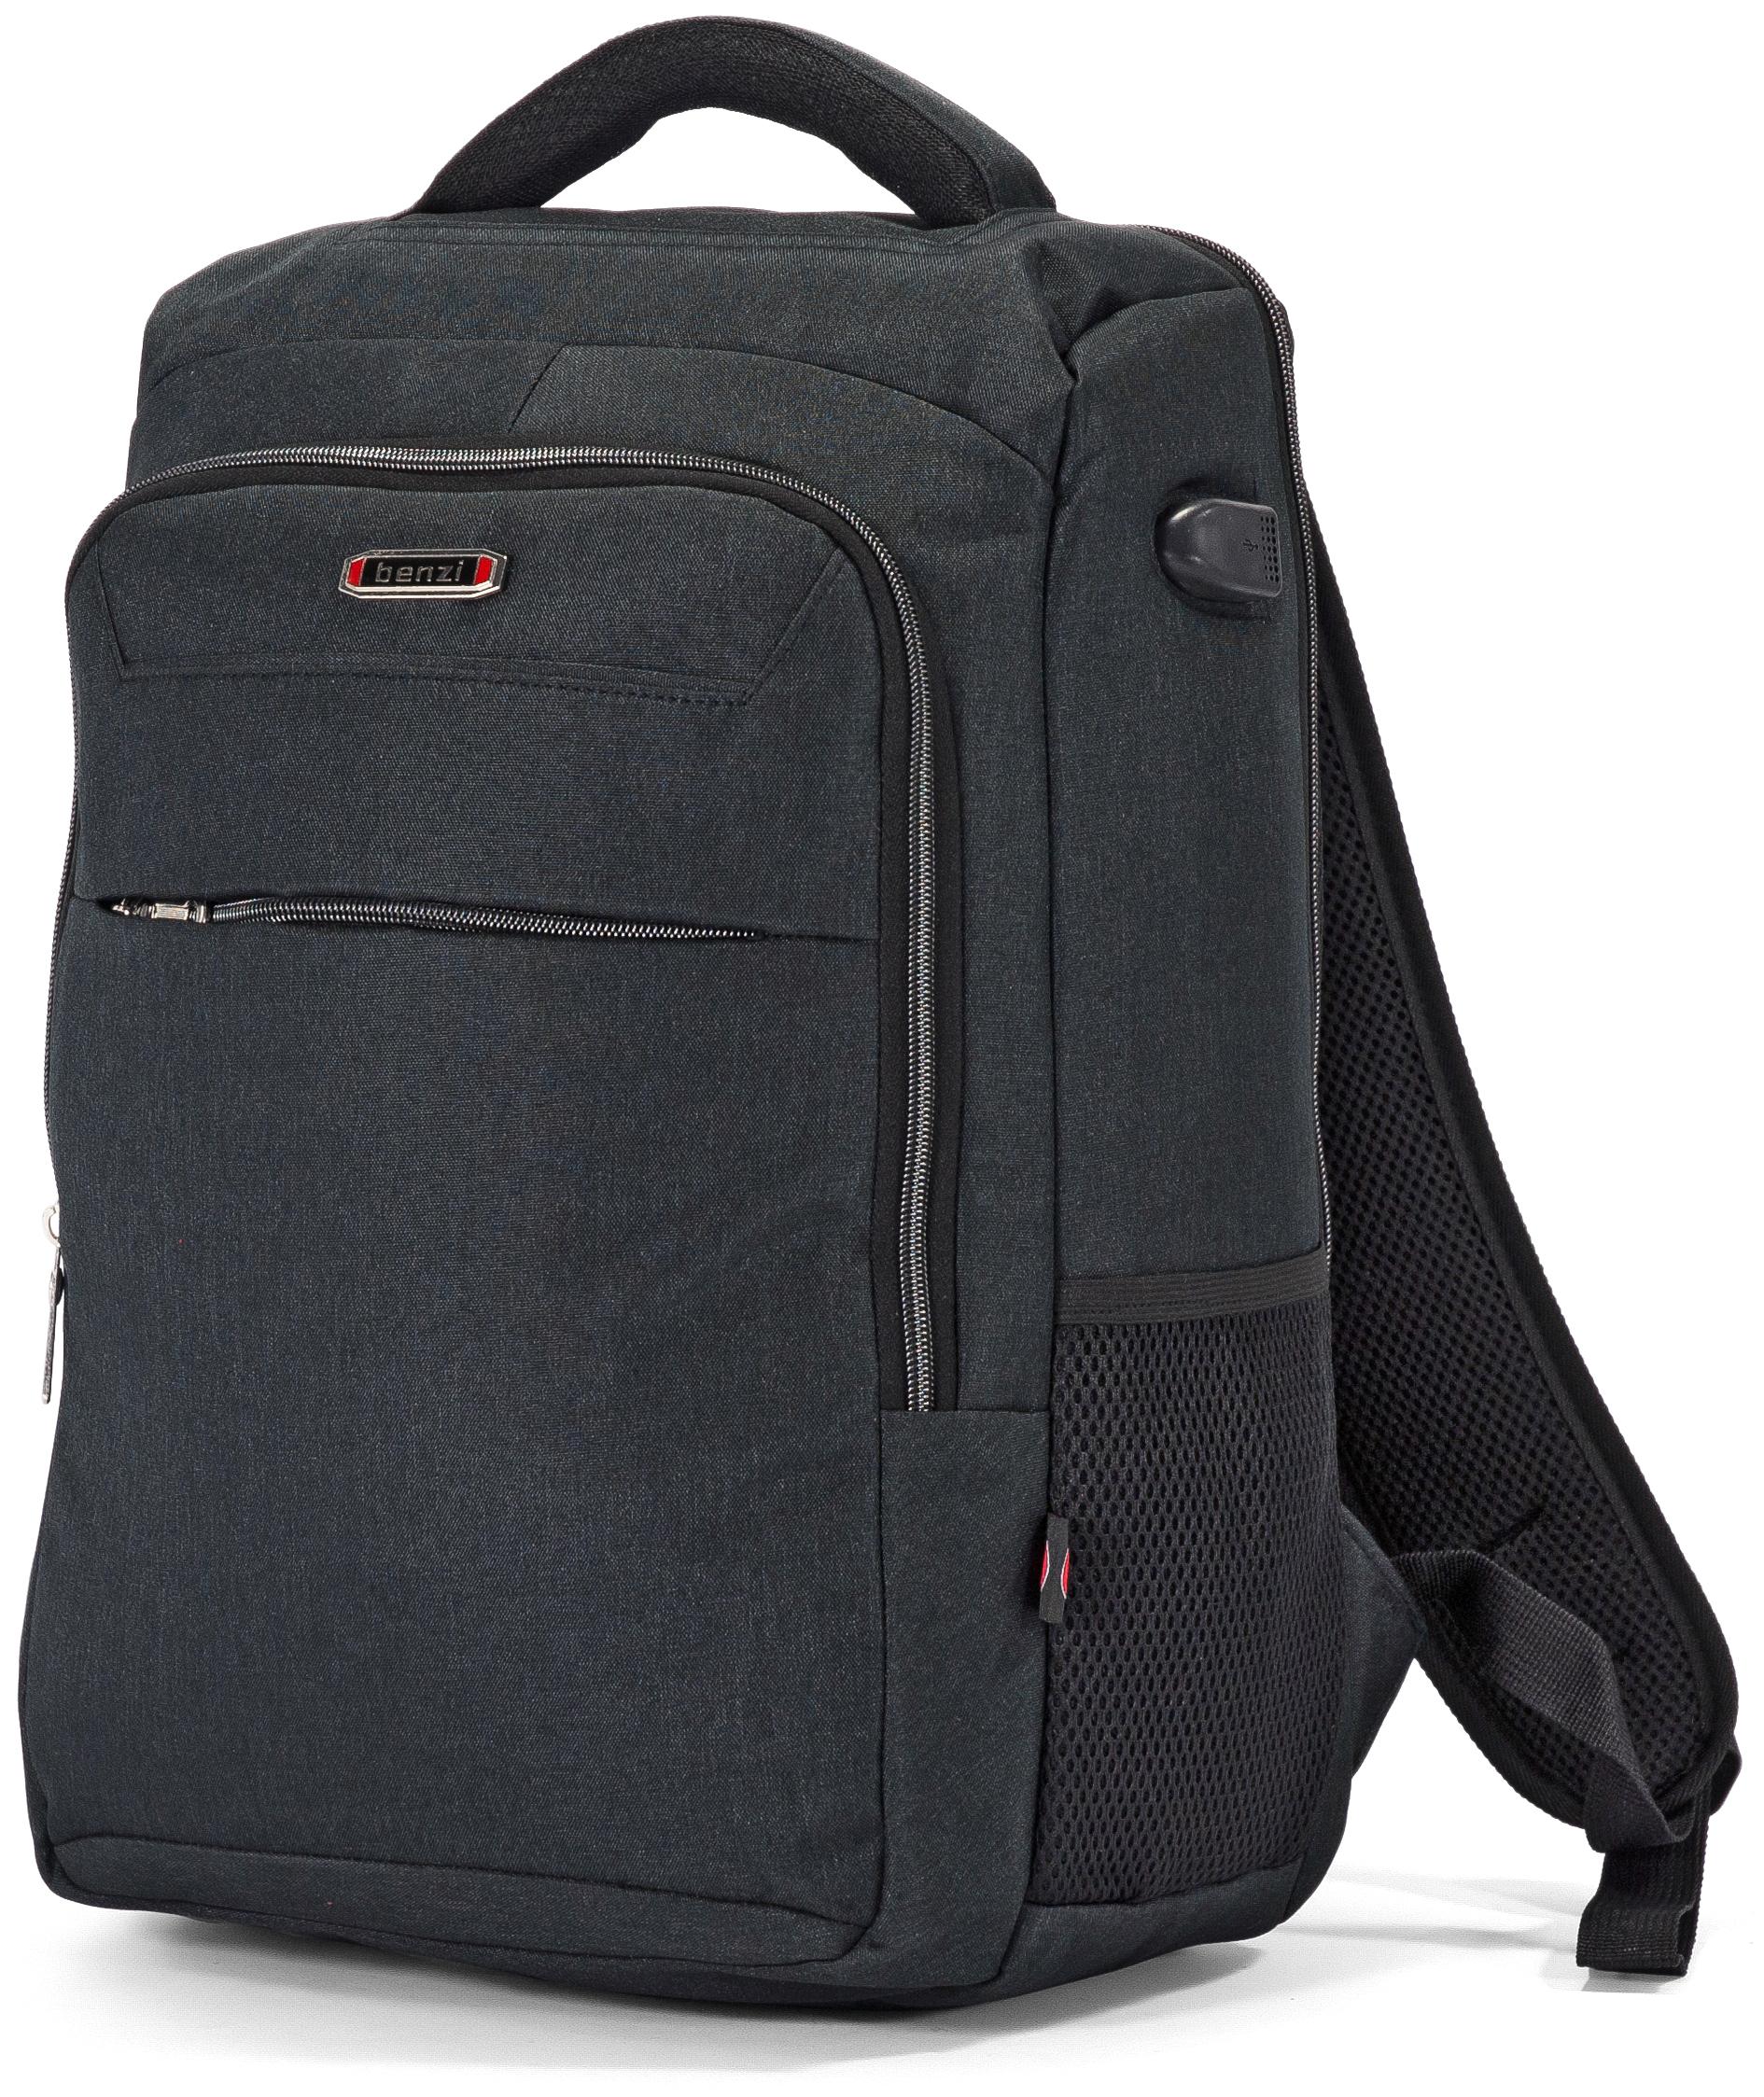 Τσάντα Πλάτης για Laptop 15.6 ίντσες Benzi BZ5448 Μαύρο